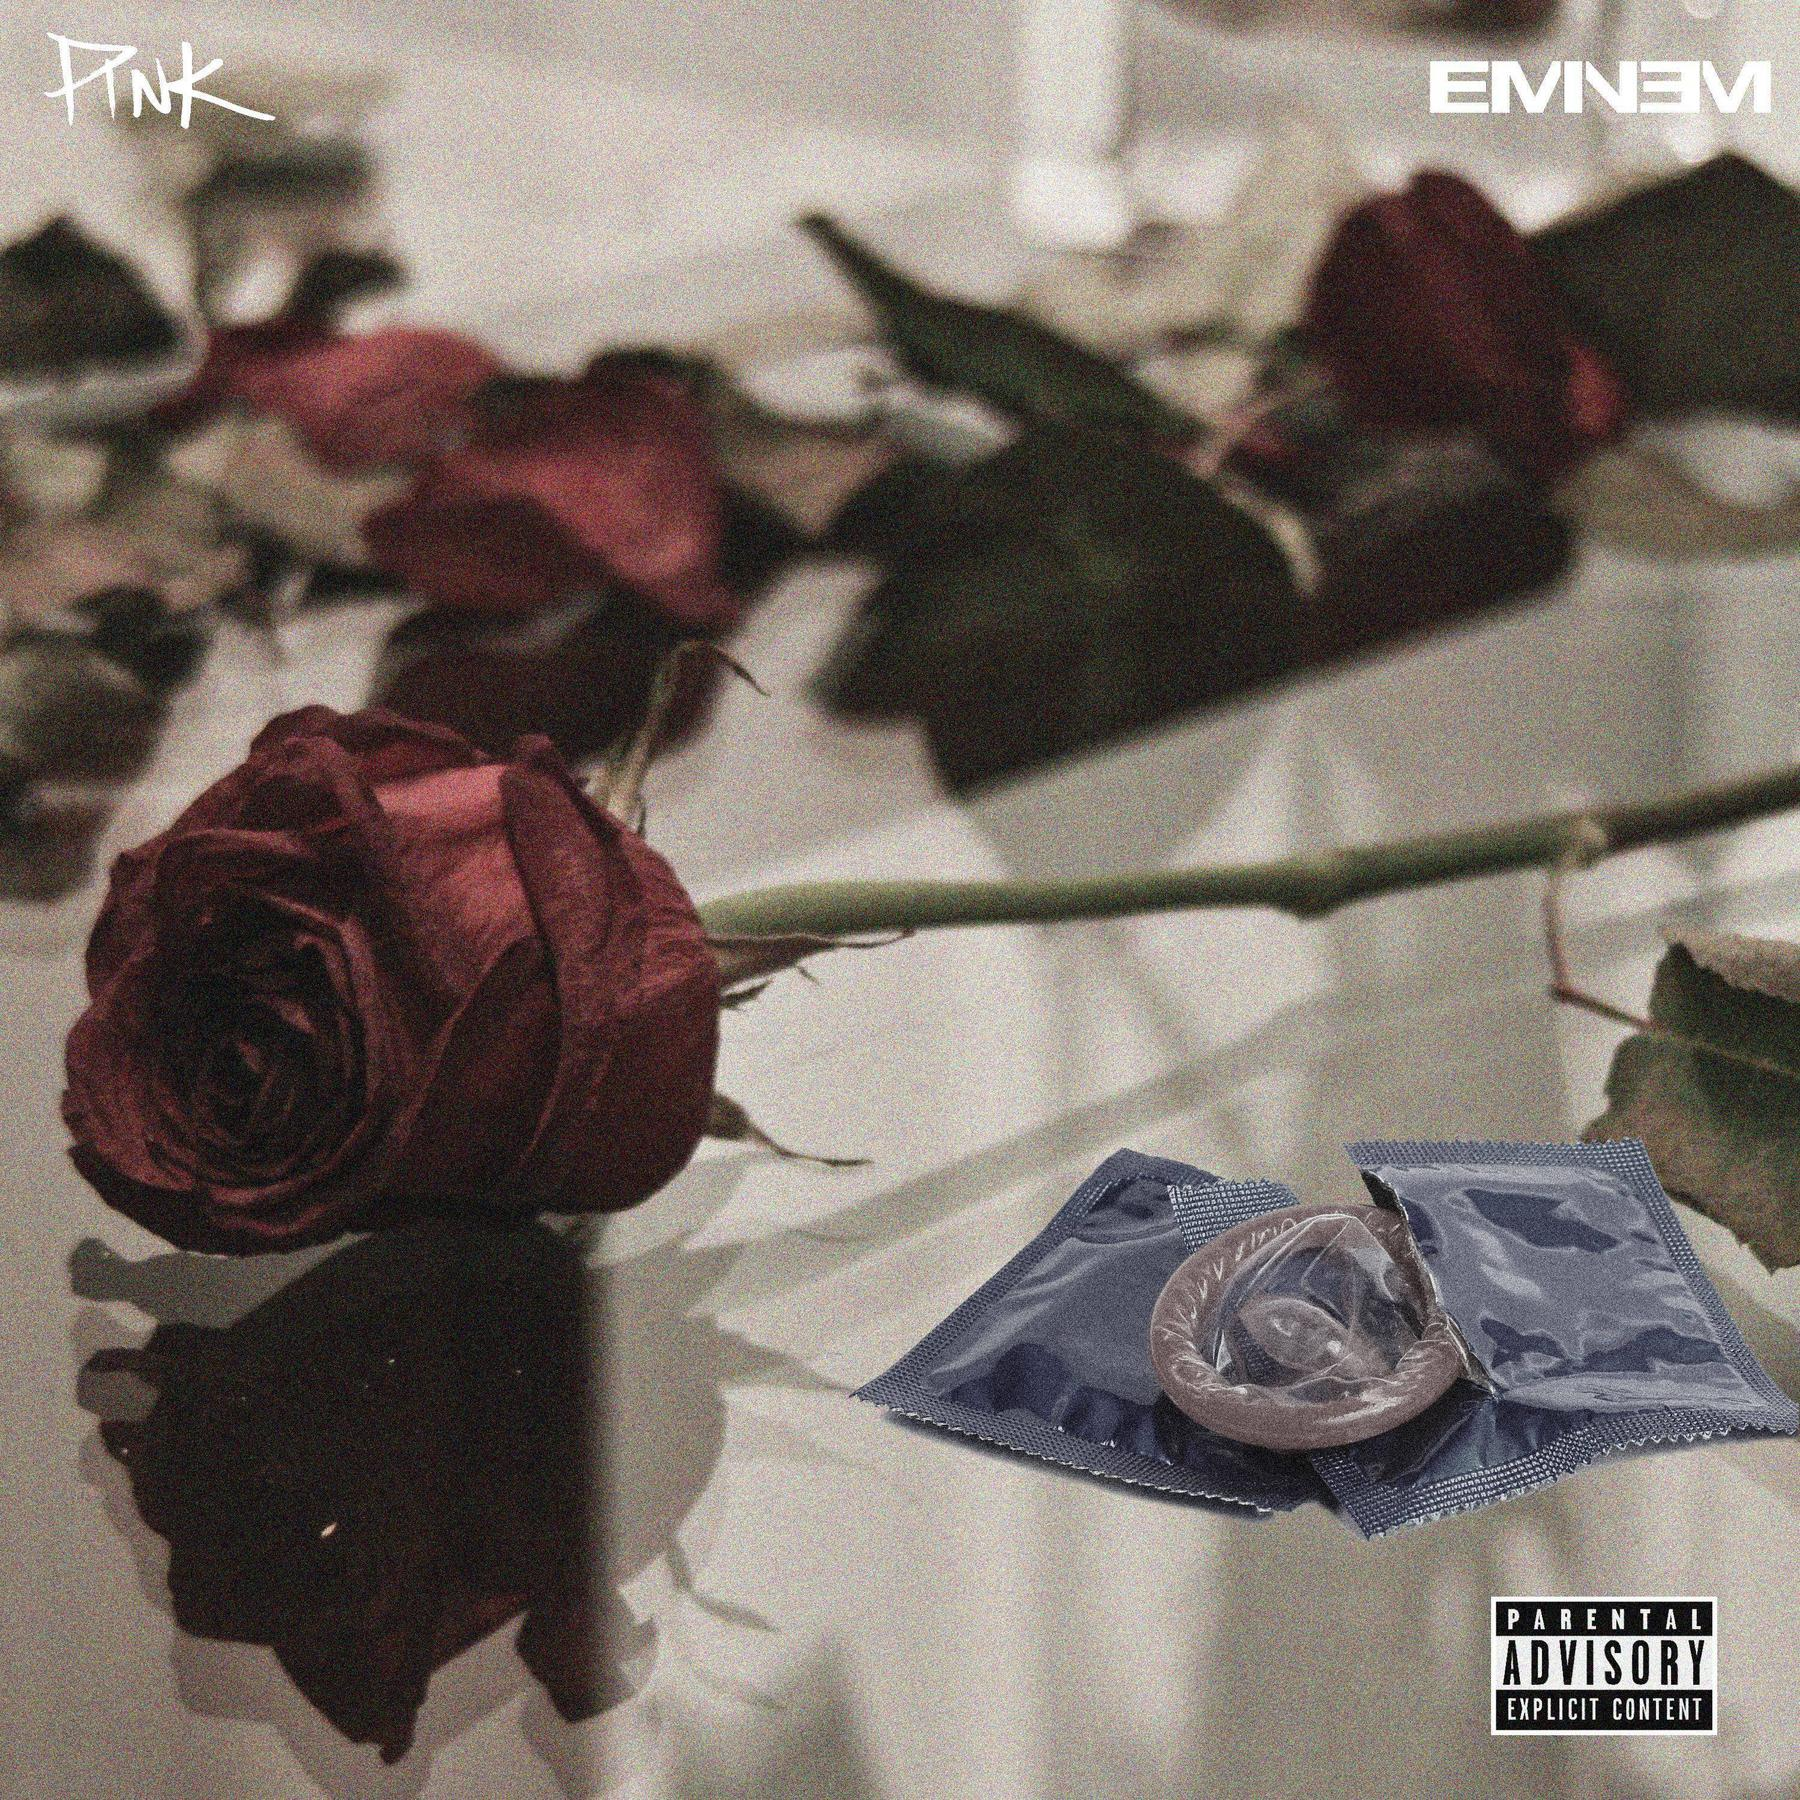 Pink рассказала, как она предложила Эминему записать коллаборацию «Revenge»